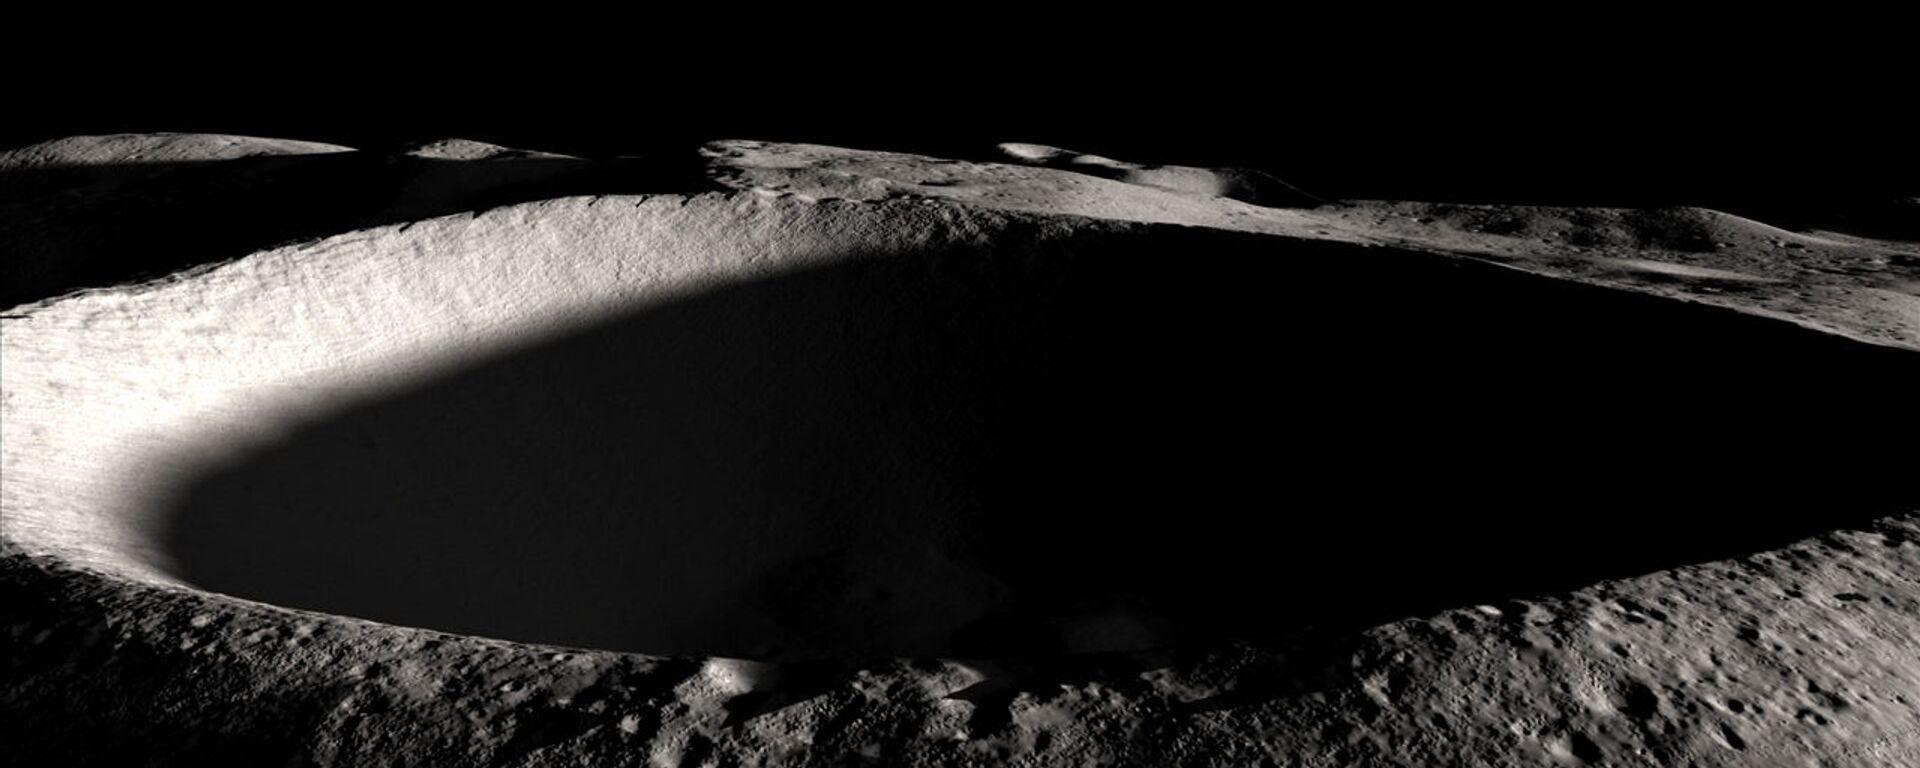 Południowy biegun Księżyca - Sputnik Polska, 1920, 15.09.2021